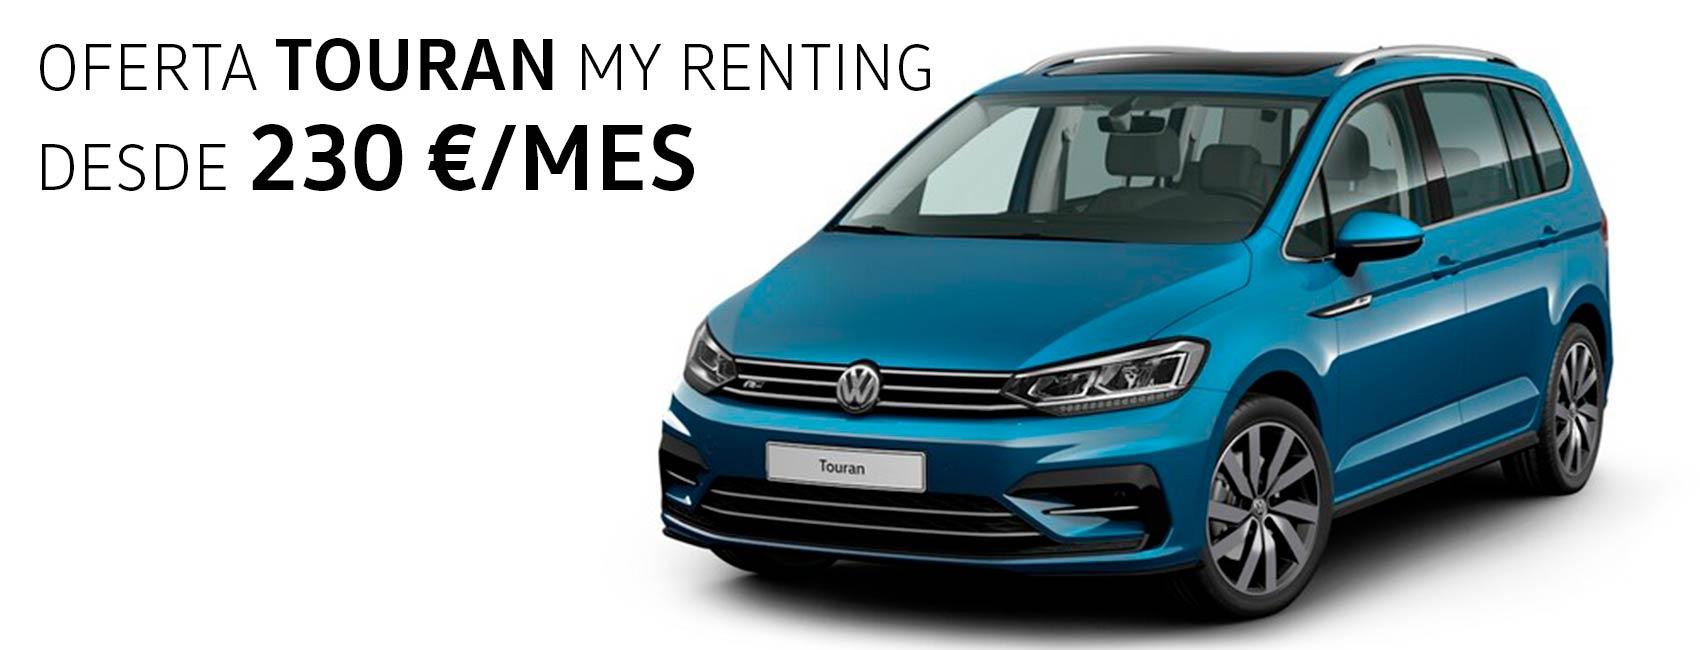 Volkswagen Touran renting zaragoza